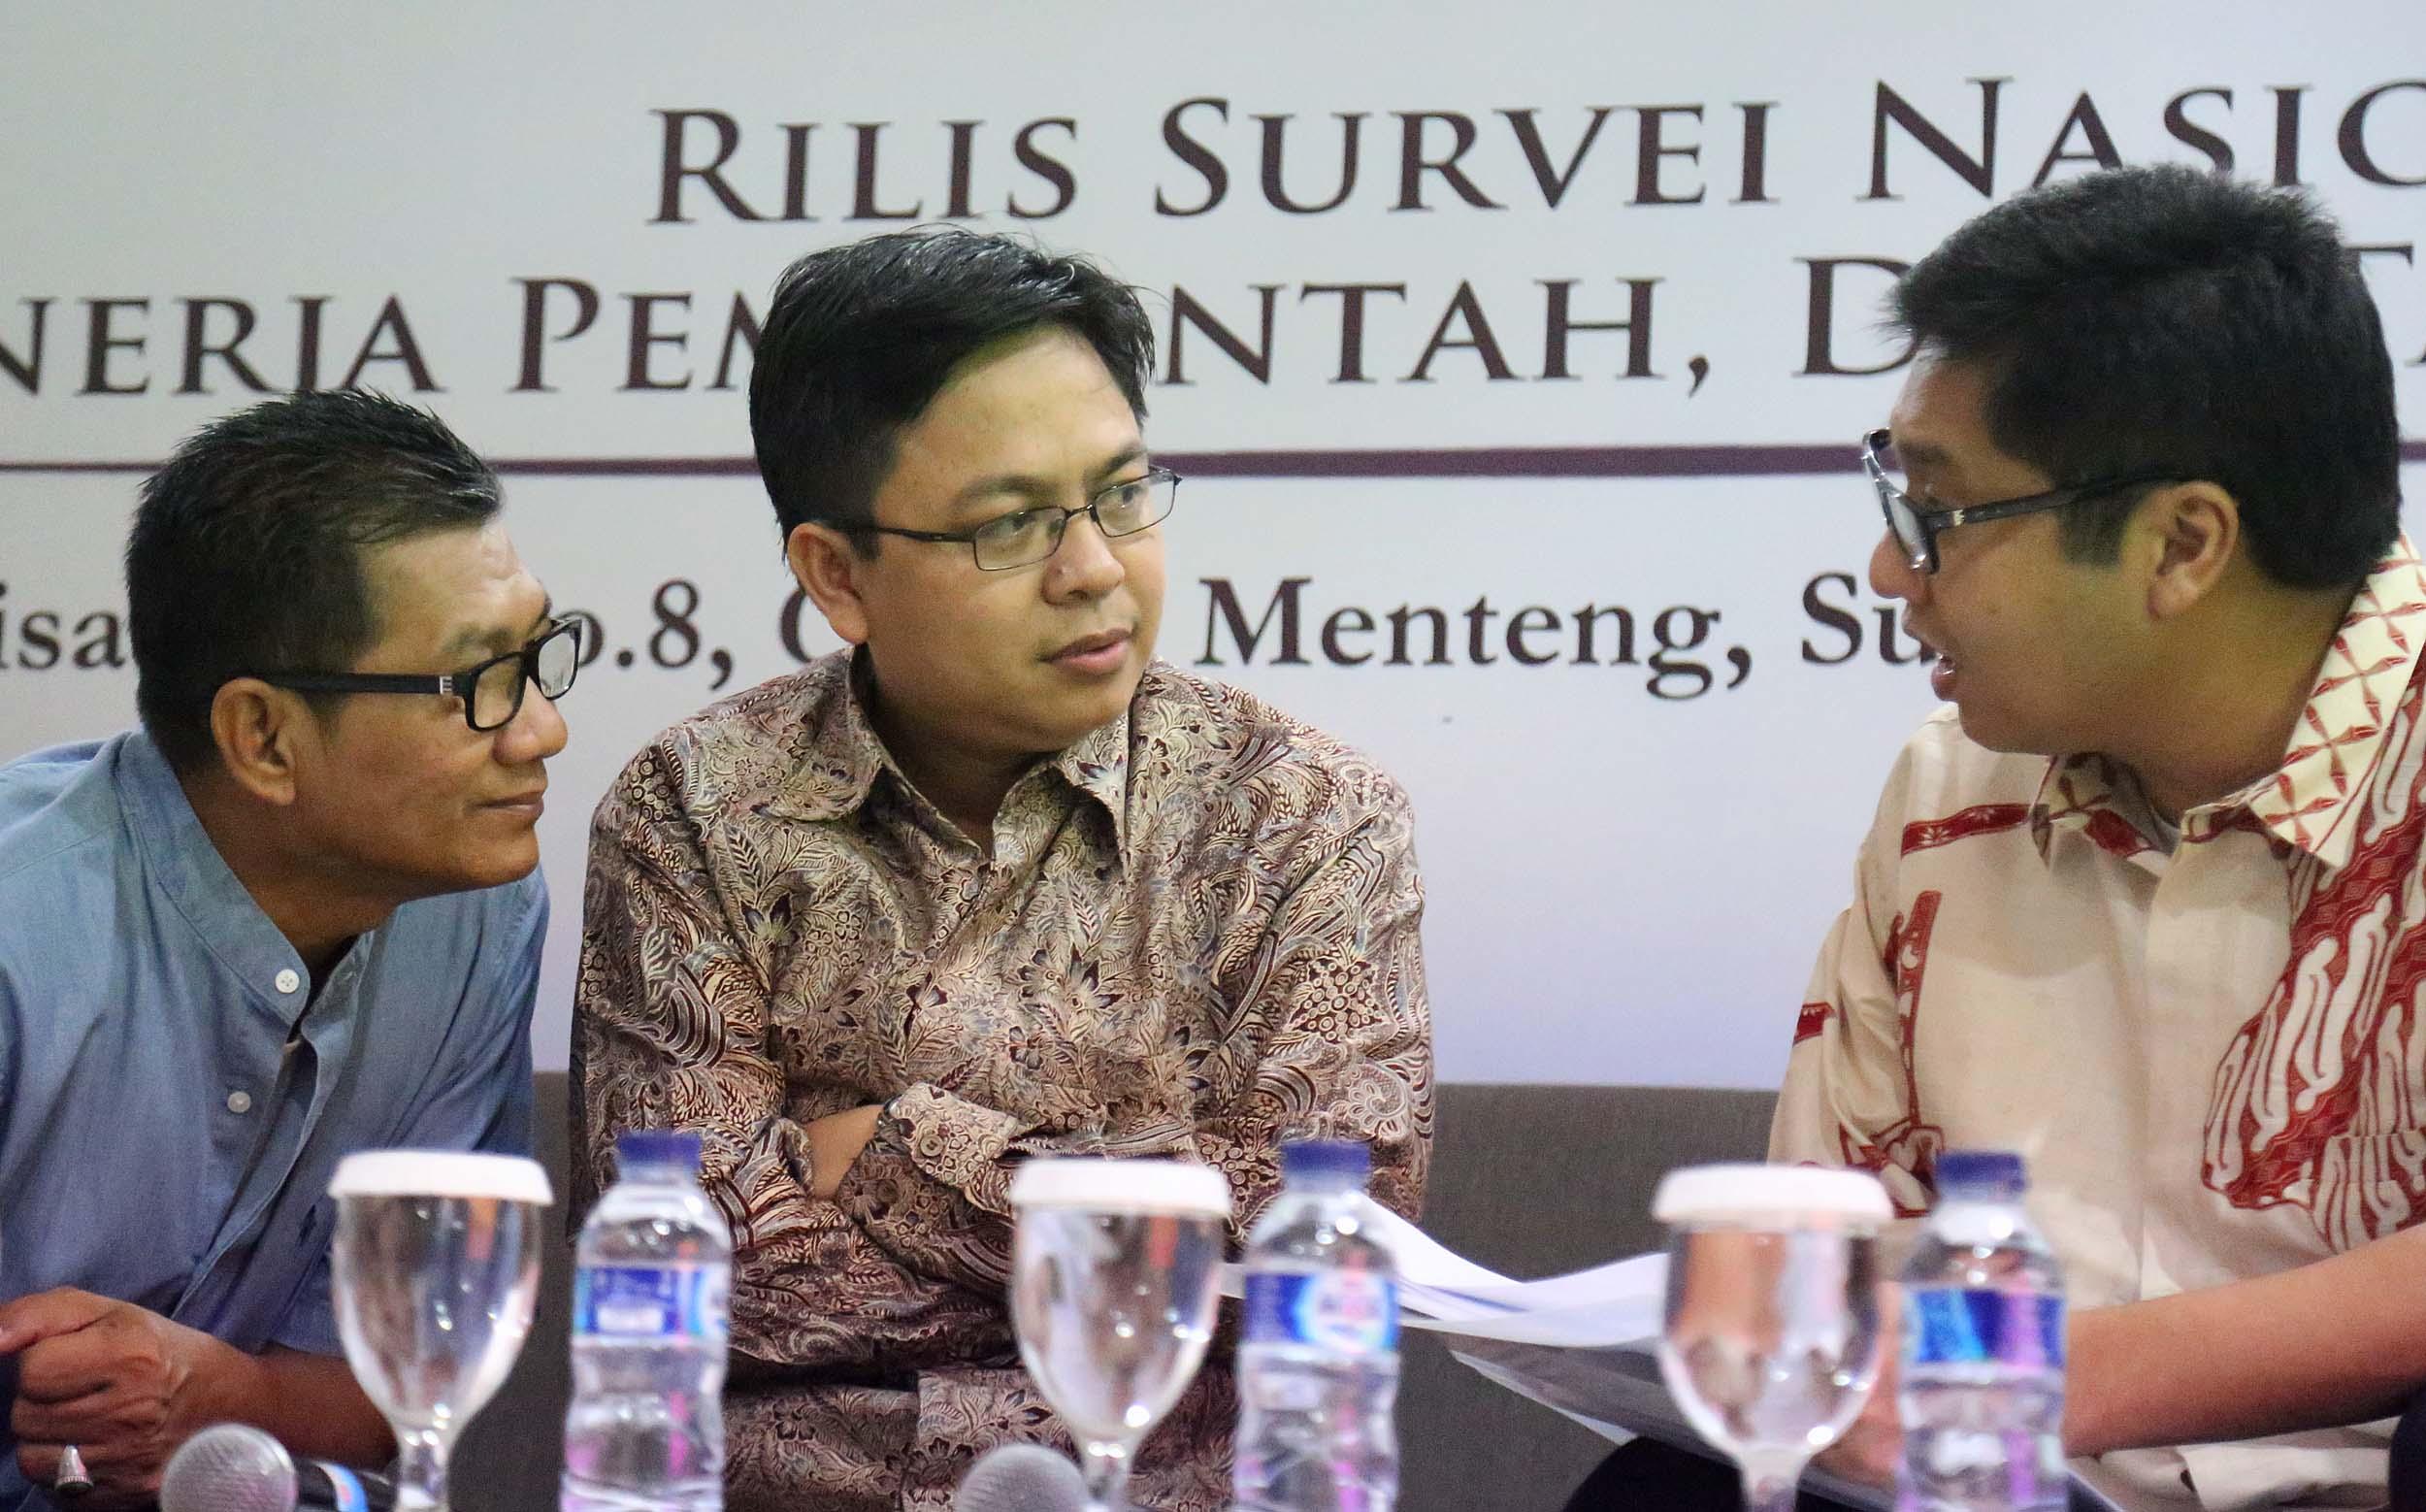 Anggota DPR Fraksi PDIP Maruarar Sirait (kanan) disaksikan Pengamat Politik Burhanudin Muhtadi (tengah), Anggota DPR Fraksi Golkar Agun Gunanjar (kedua kiri), menyampaikan pandangannya saat diskusi hasil Survei SMRC mengenai Kinerja Pemerintah, Dua Tahun Pilpres di Jakarta, Minggu (24/7/2016). Hasil survei SMRC menunjukan bahwa 67 persen warga Indonesia menyatakan puas dengan kinerja Jokowi dan 30 persen menyatakan tidak puas, selain itu sebanyak 72 persen rakyat Indonesia yakin kepemimpinan Jokowi membawa Indonesia lebih baik dan 22 persen tidak yakin.